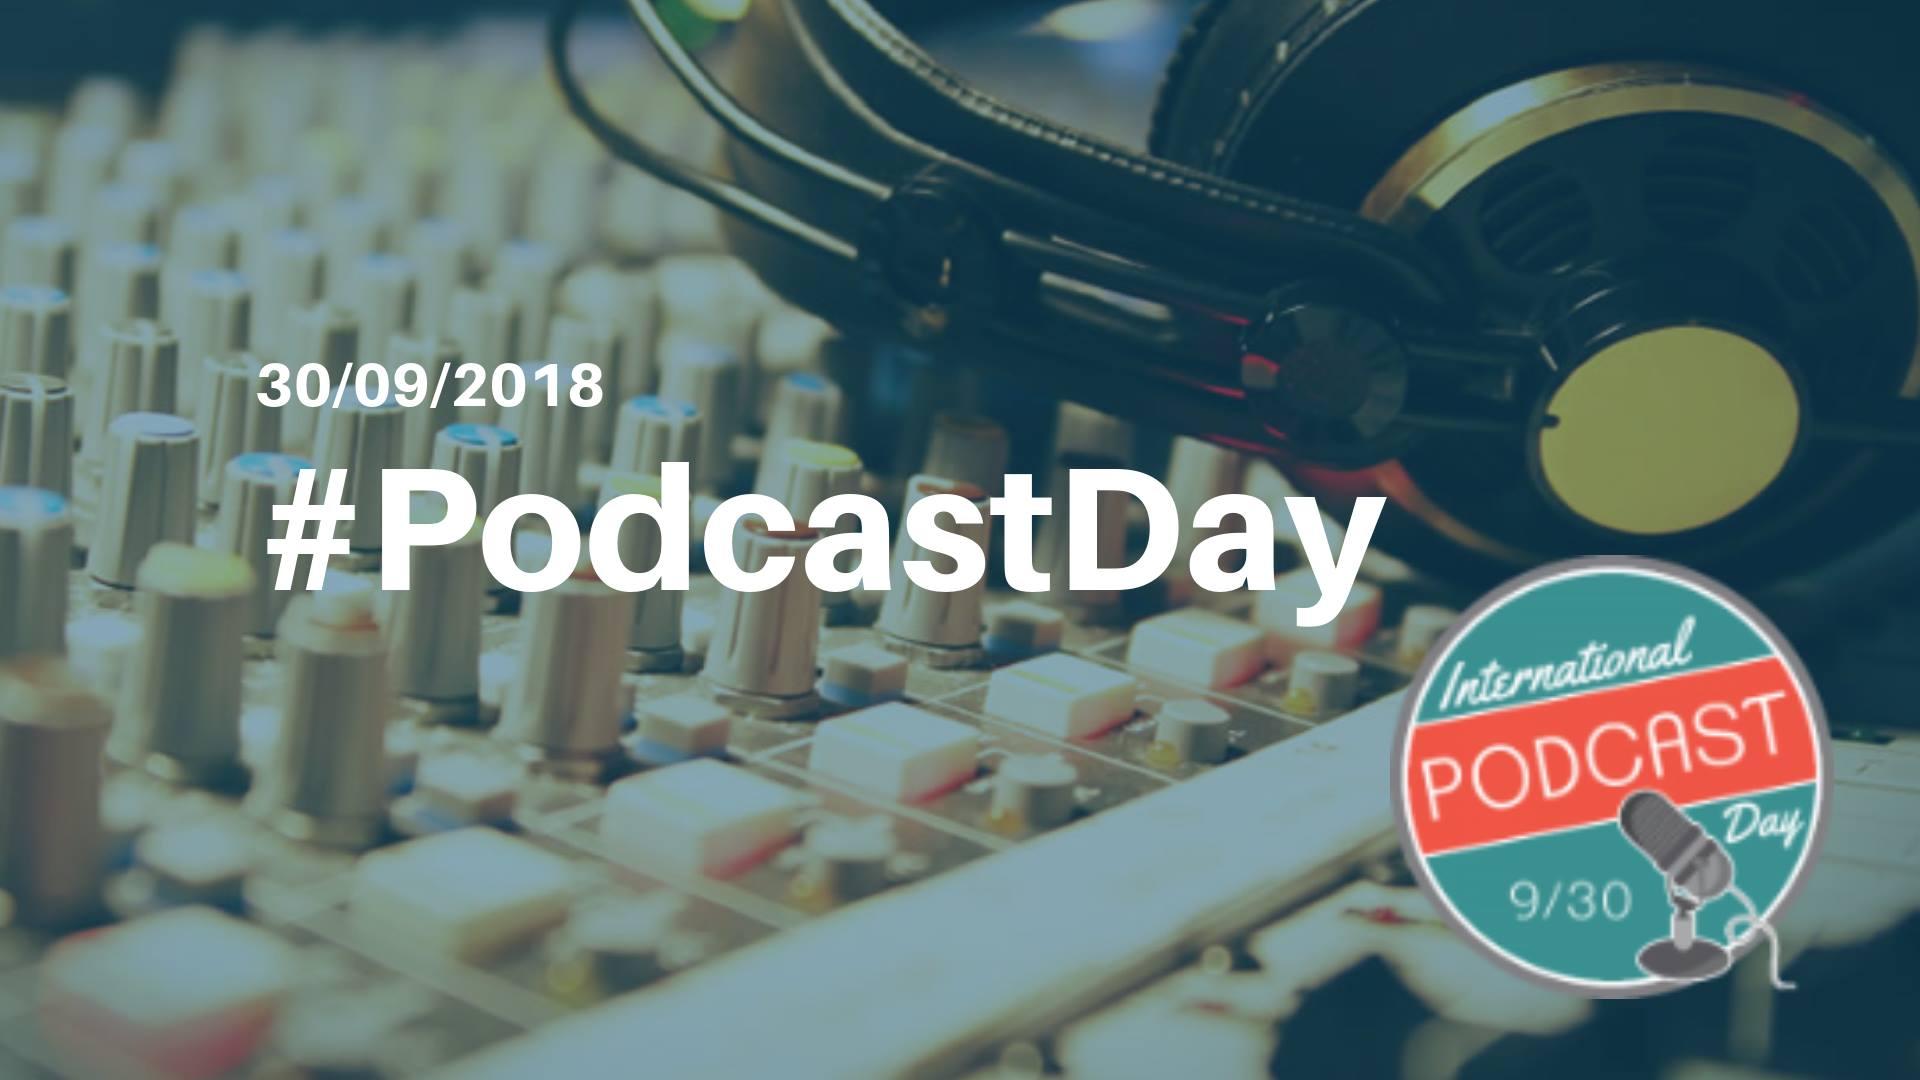 Ziua Internațională a Podcast-ului, sărbătorită pentru prima dată și în România